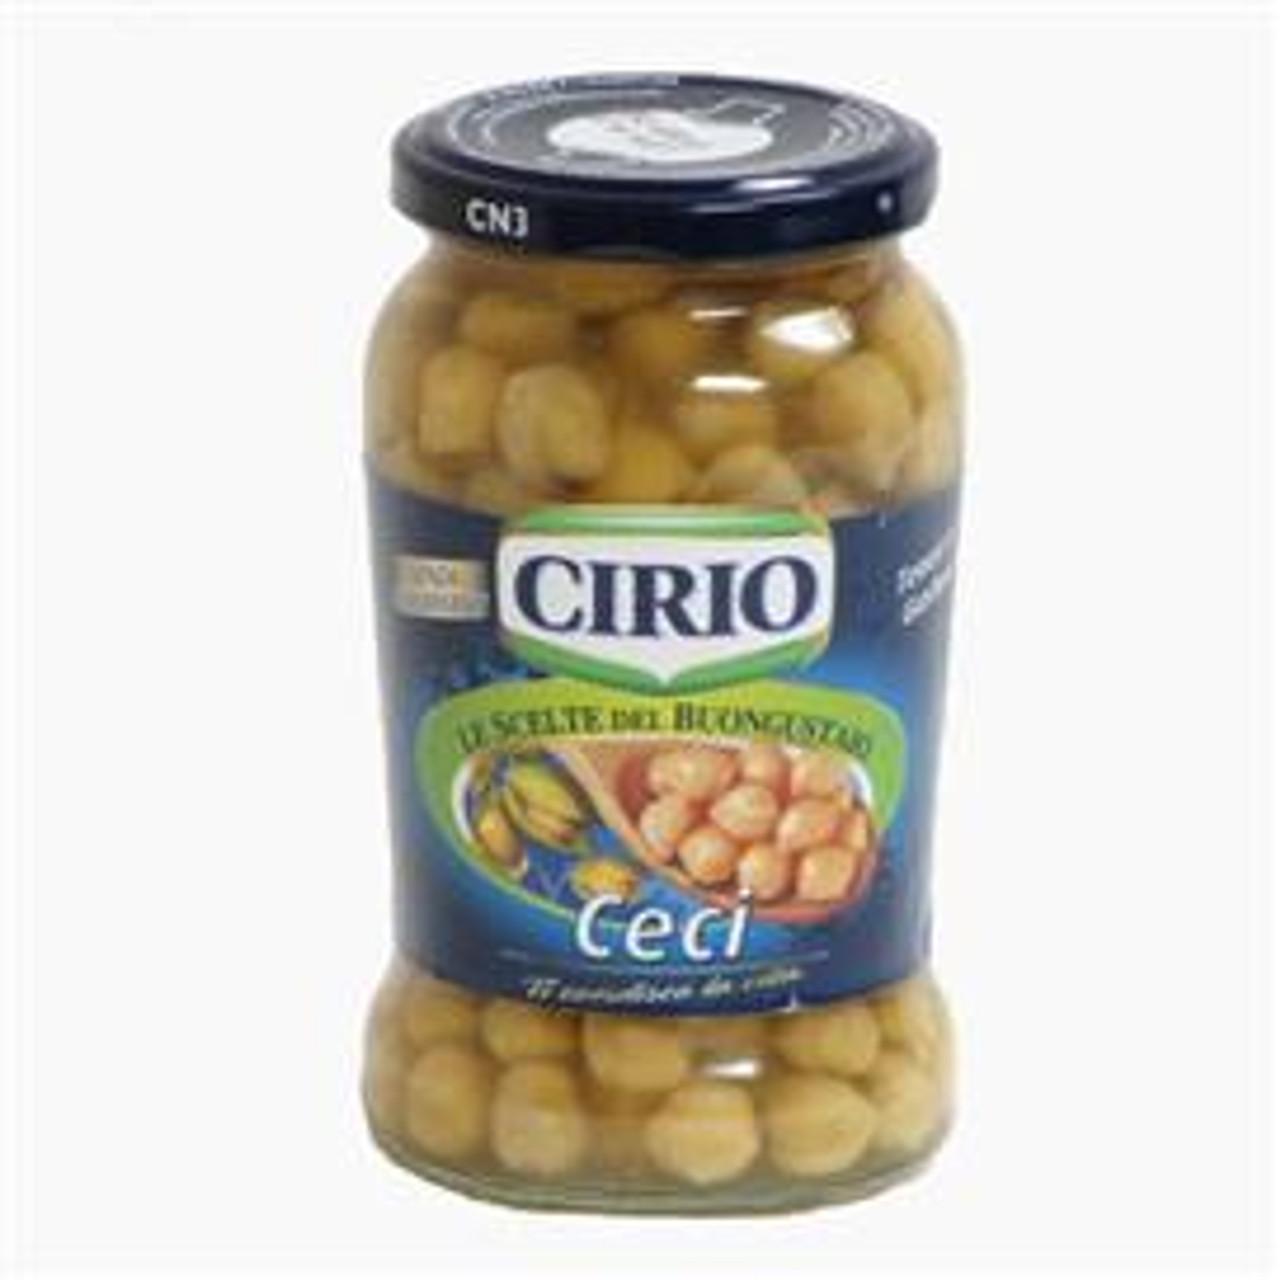 Ceci (Chick Peas)